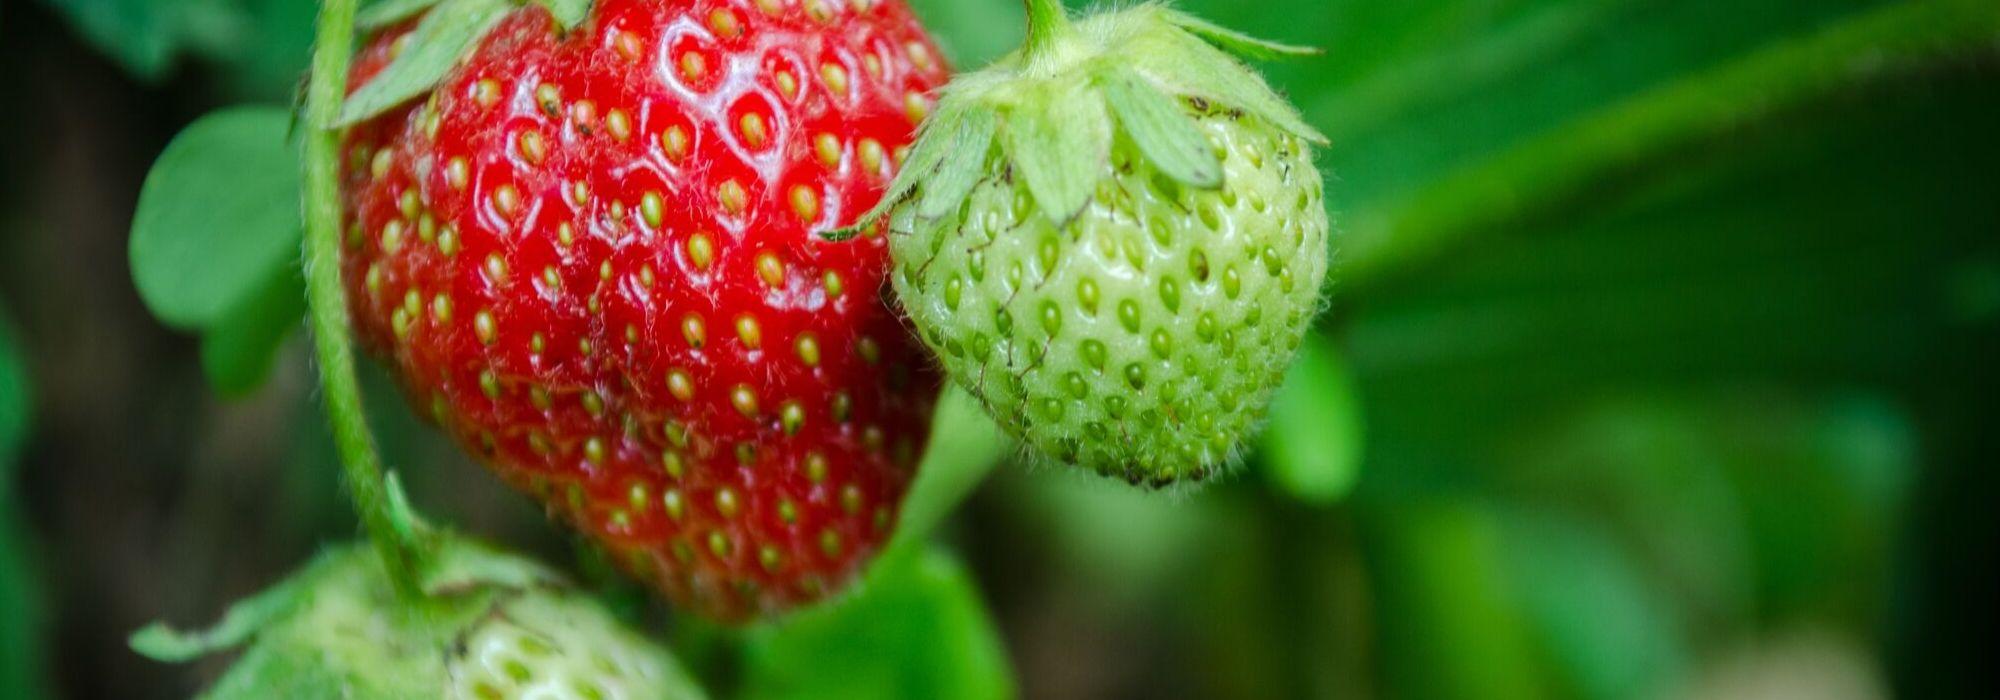 Comment Entretenir Les Fraisiers En Automne fraisier : planter, cultiver, entretenir au jardin - nos